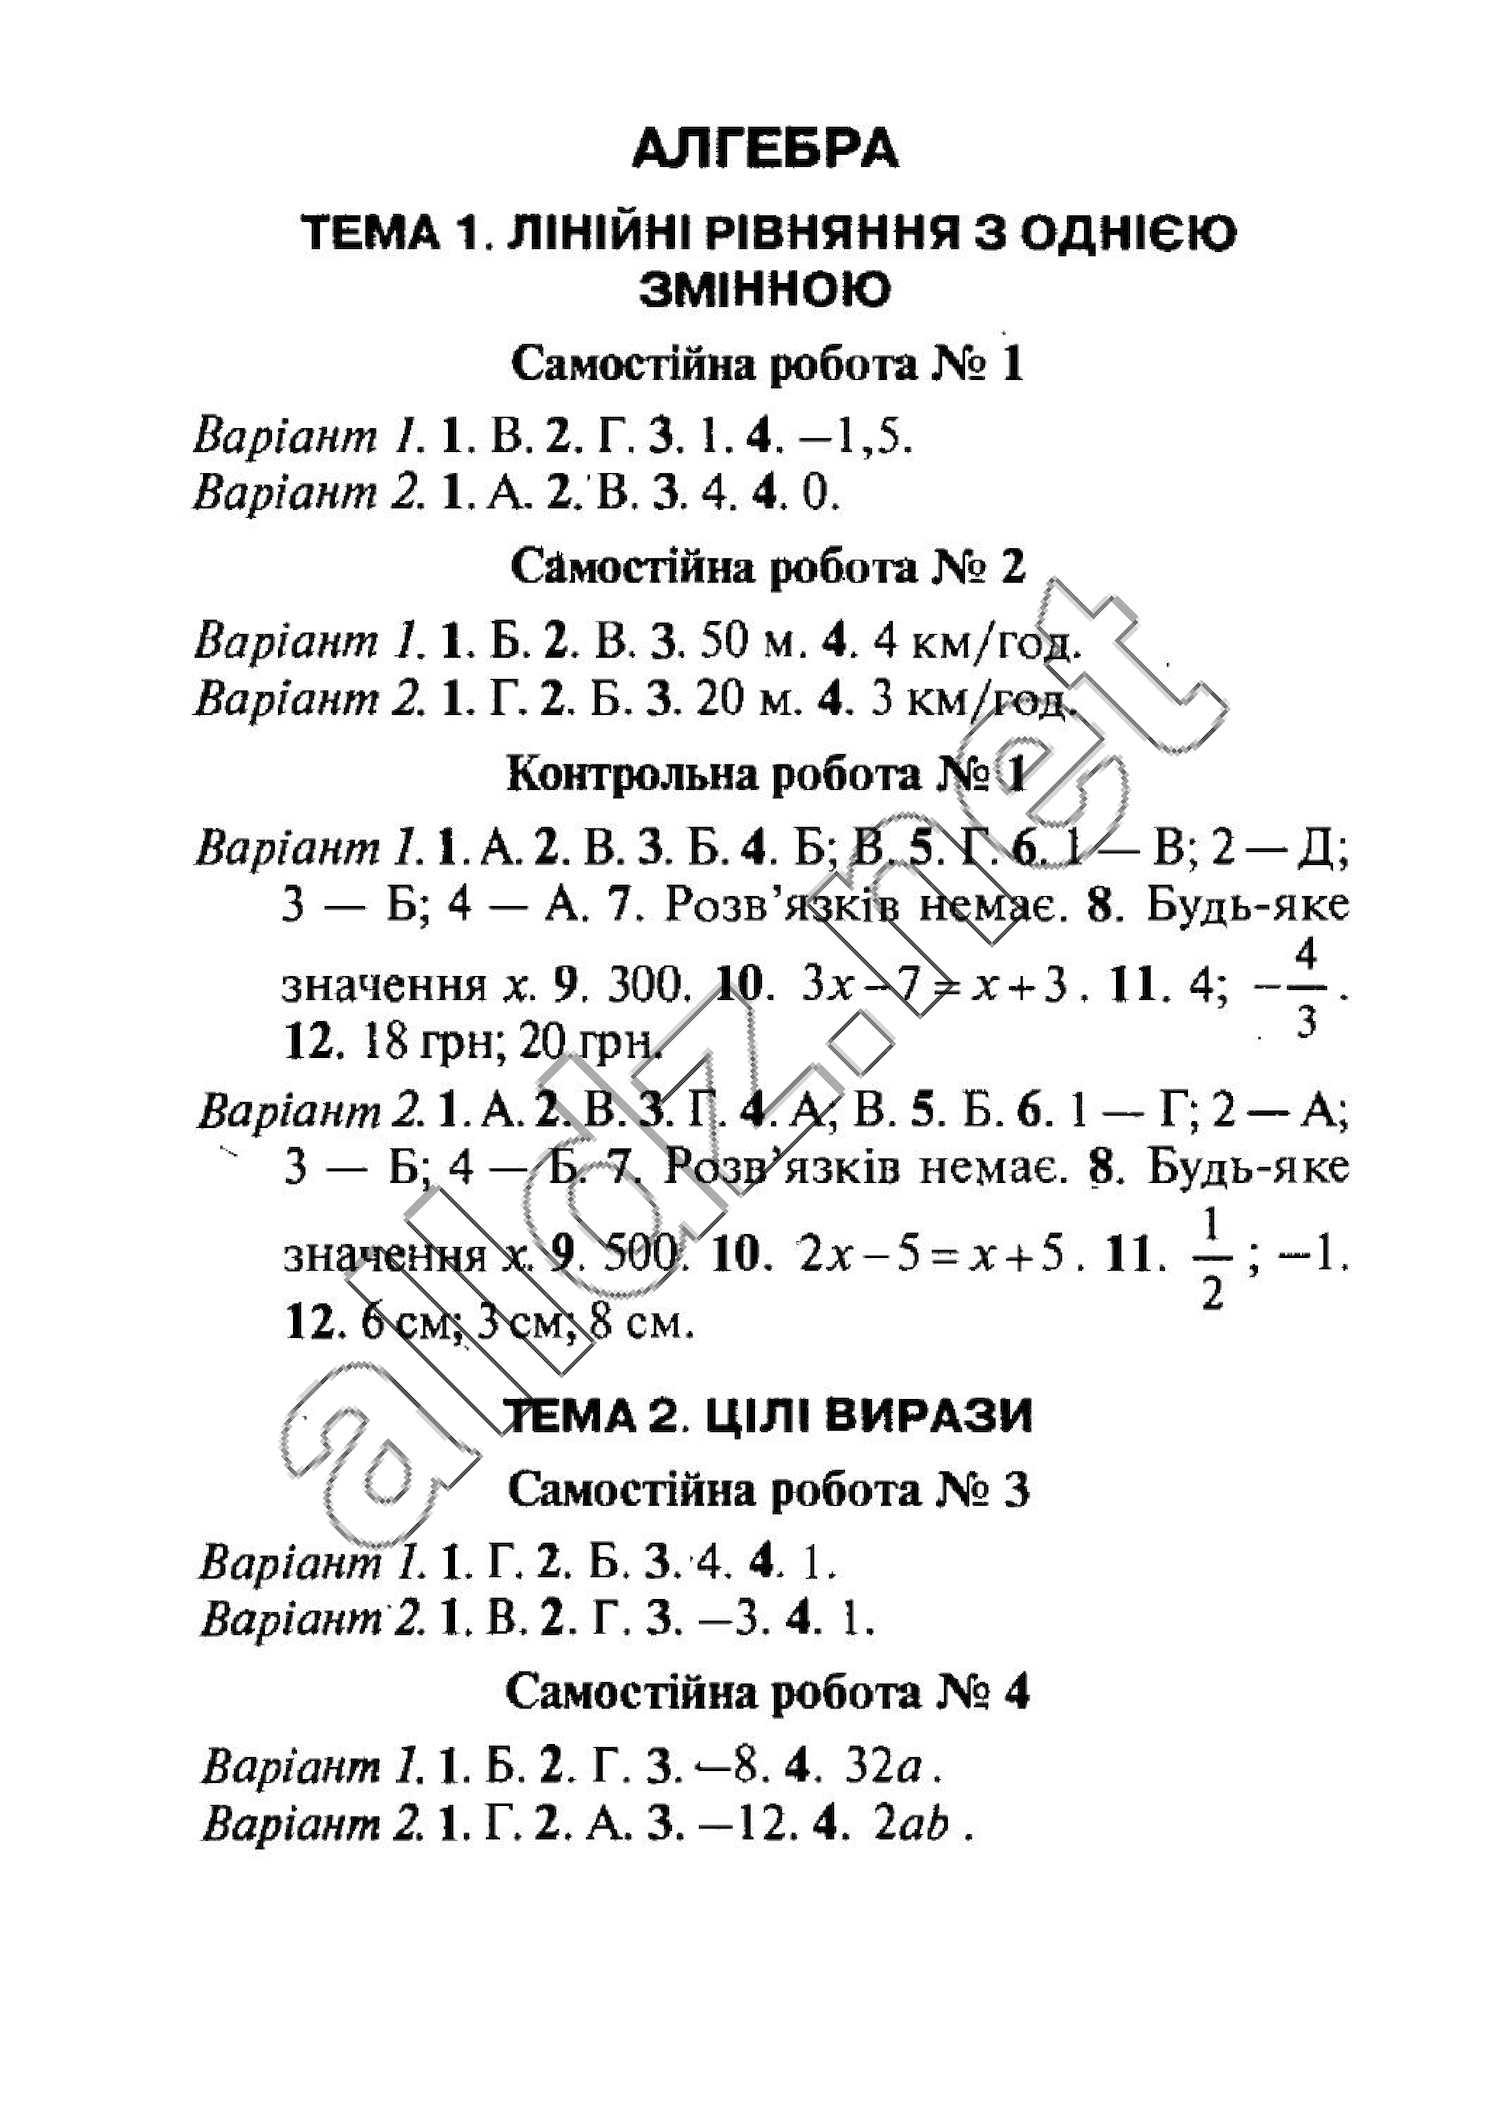 Гдз 7 гальперіна знань геометрія клас тестовий контроль алгебра